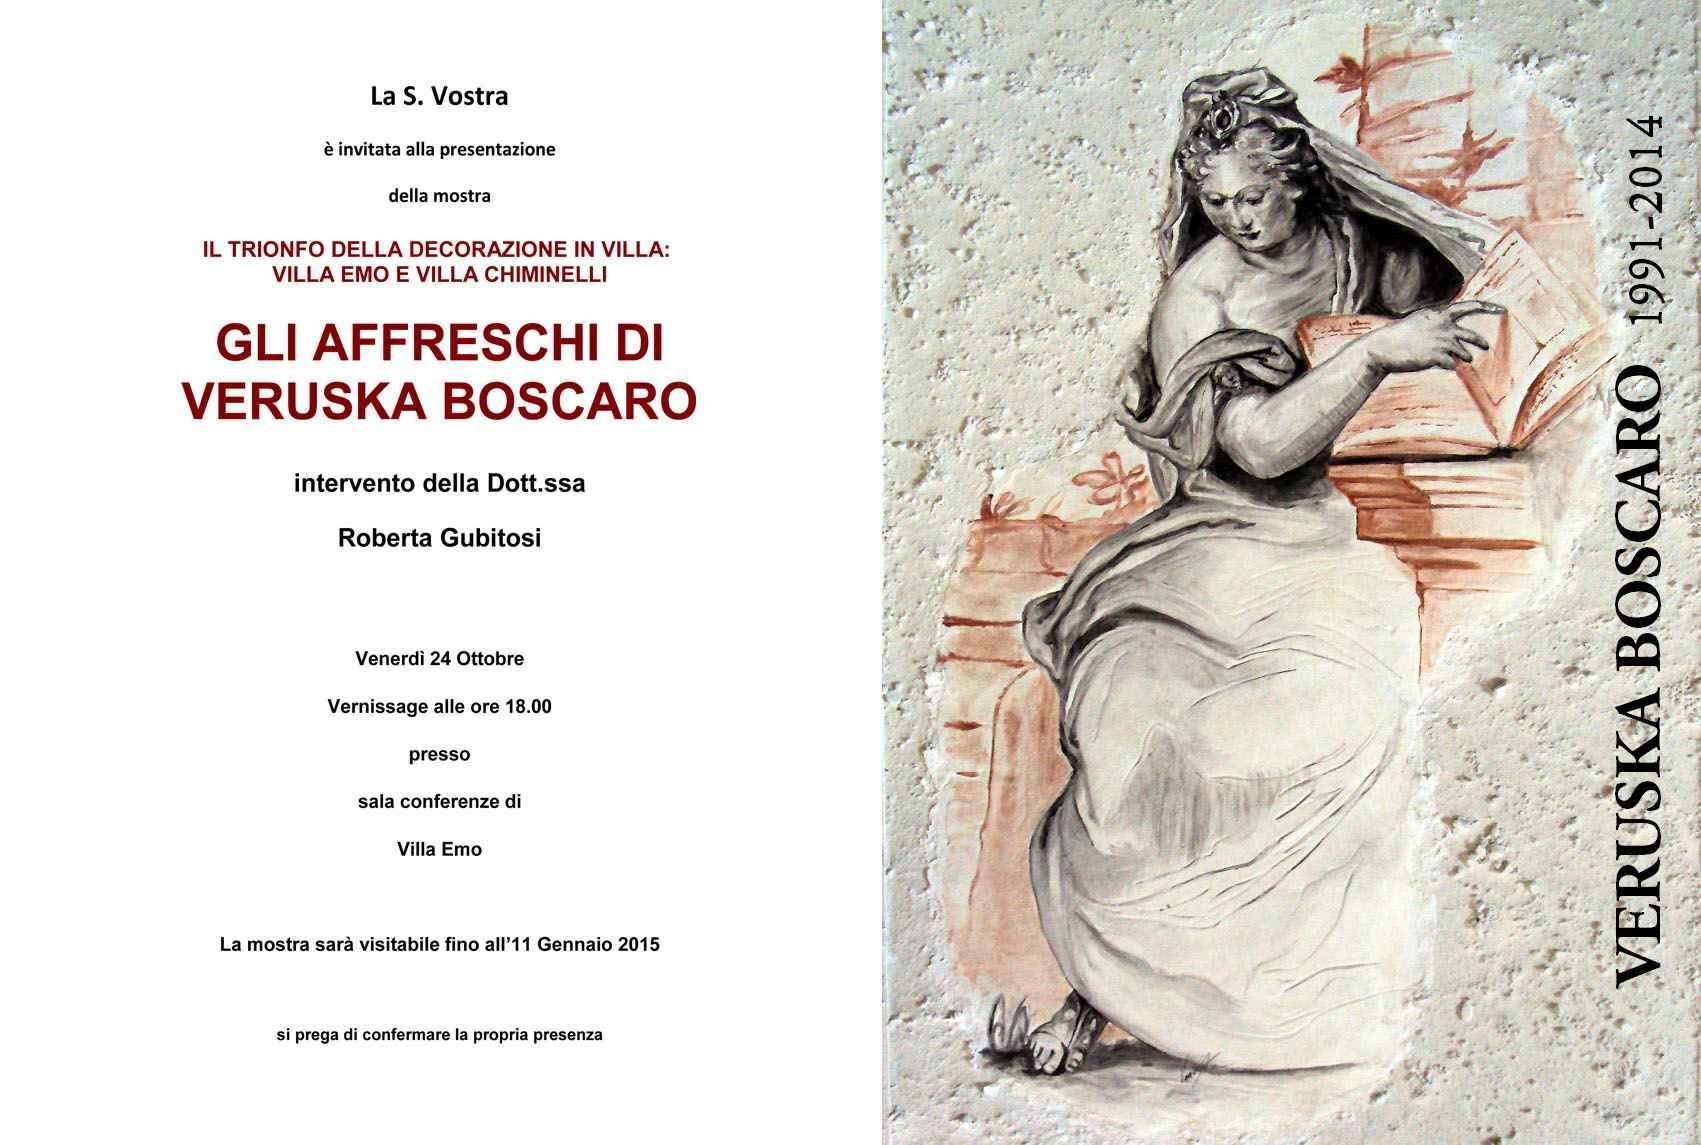 #VERNISSAGE #VERUSKA #BOSCARO Venerdì 24 OTTOBRE 2014 - Ore 18.00 presso SALA EMO di VILLA EMO Vernissage della mostra IL TRIONFO DELLA DECORAZIONE IN VILLA: VILLA EMO e VILLA CHIMINELLI. GLI AFFRESCHI DI VERUSKA BOSCARO  Interverrà la Dott.sa Roberta Gubitosi.  Seguirà una degustazione dei vini di Villa Chiminelli, in collaborazione con i sommelier AIS Veneto.  Ingresso LIBERO   L'esposizione delle opere di Veruska Boscaro sarà visitabile fino all'11 GENNAIO 2014.